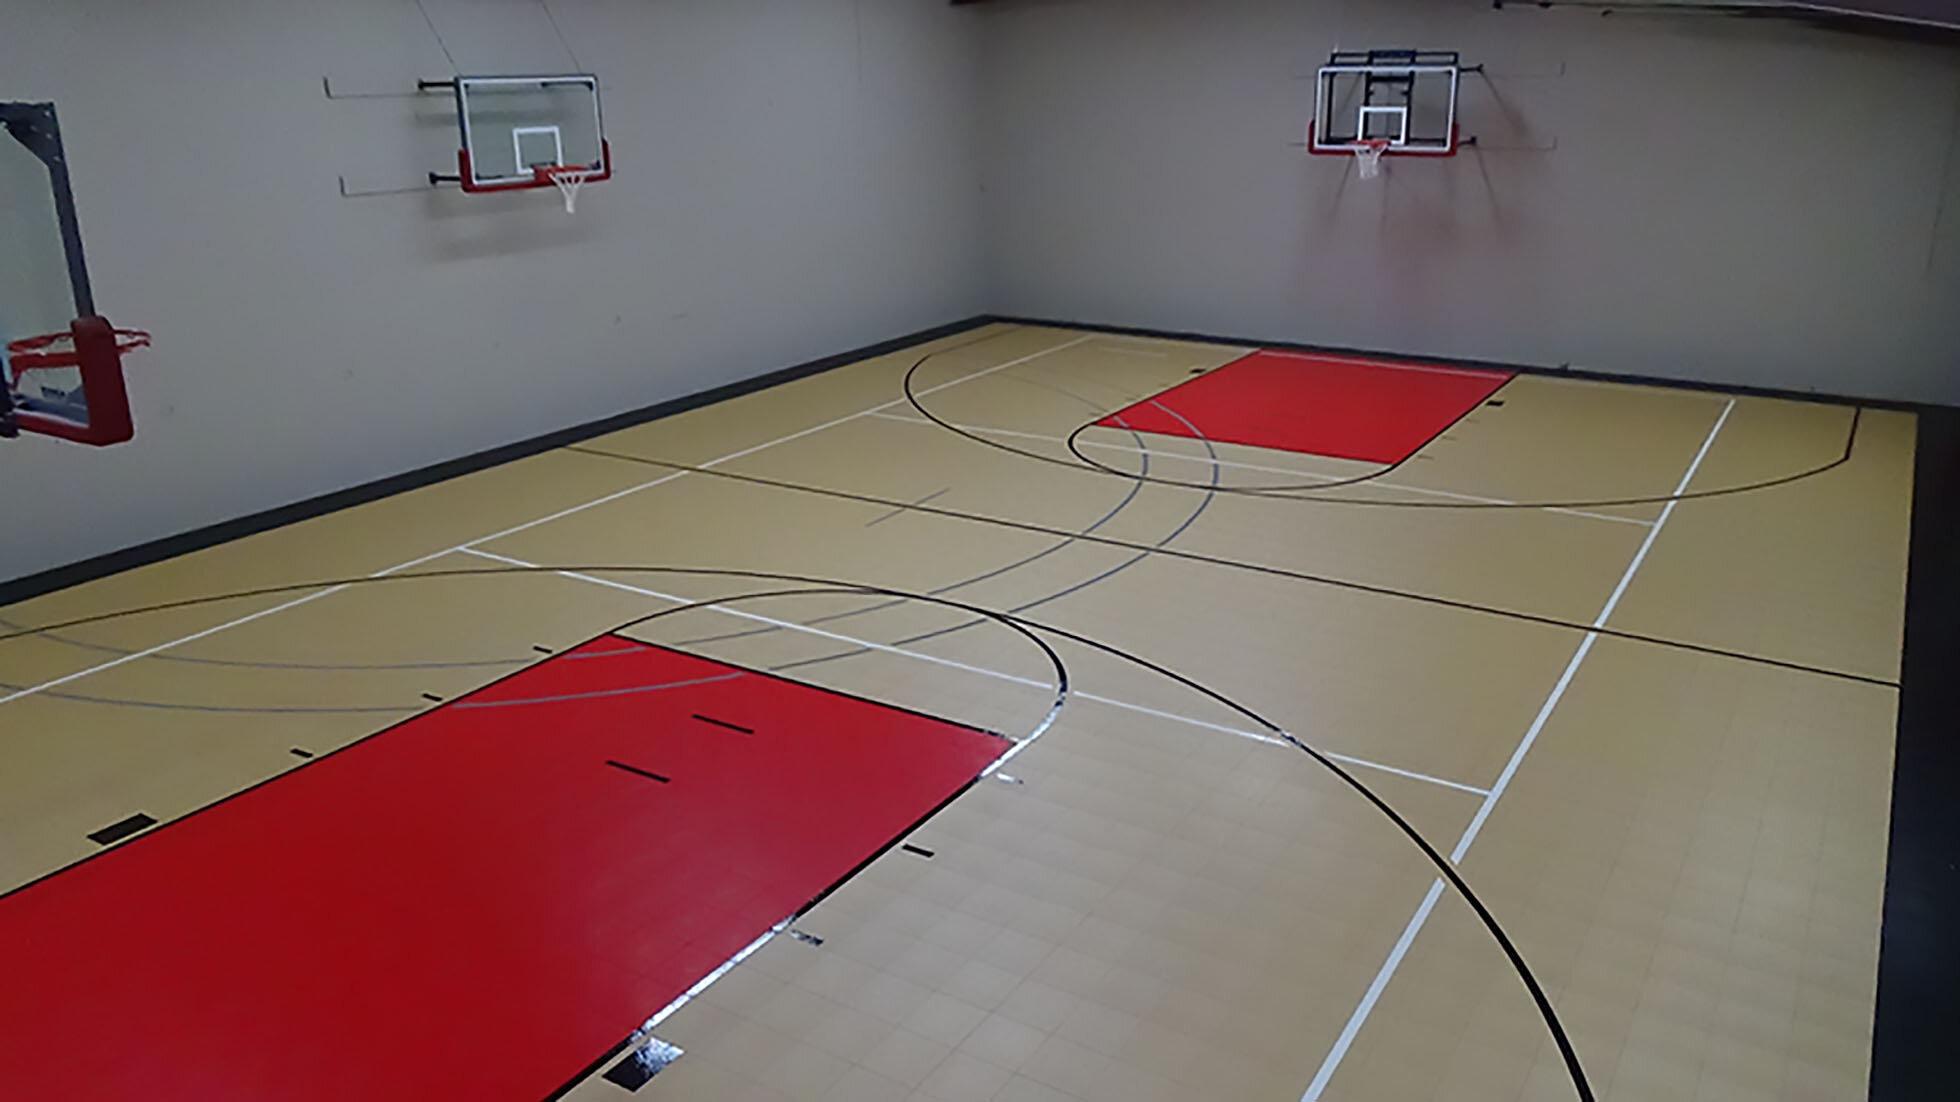 Court of Legends Basketball